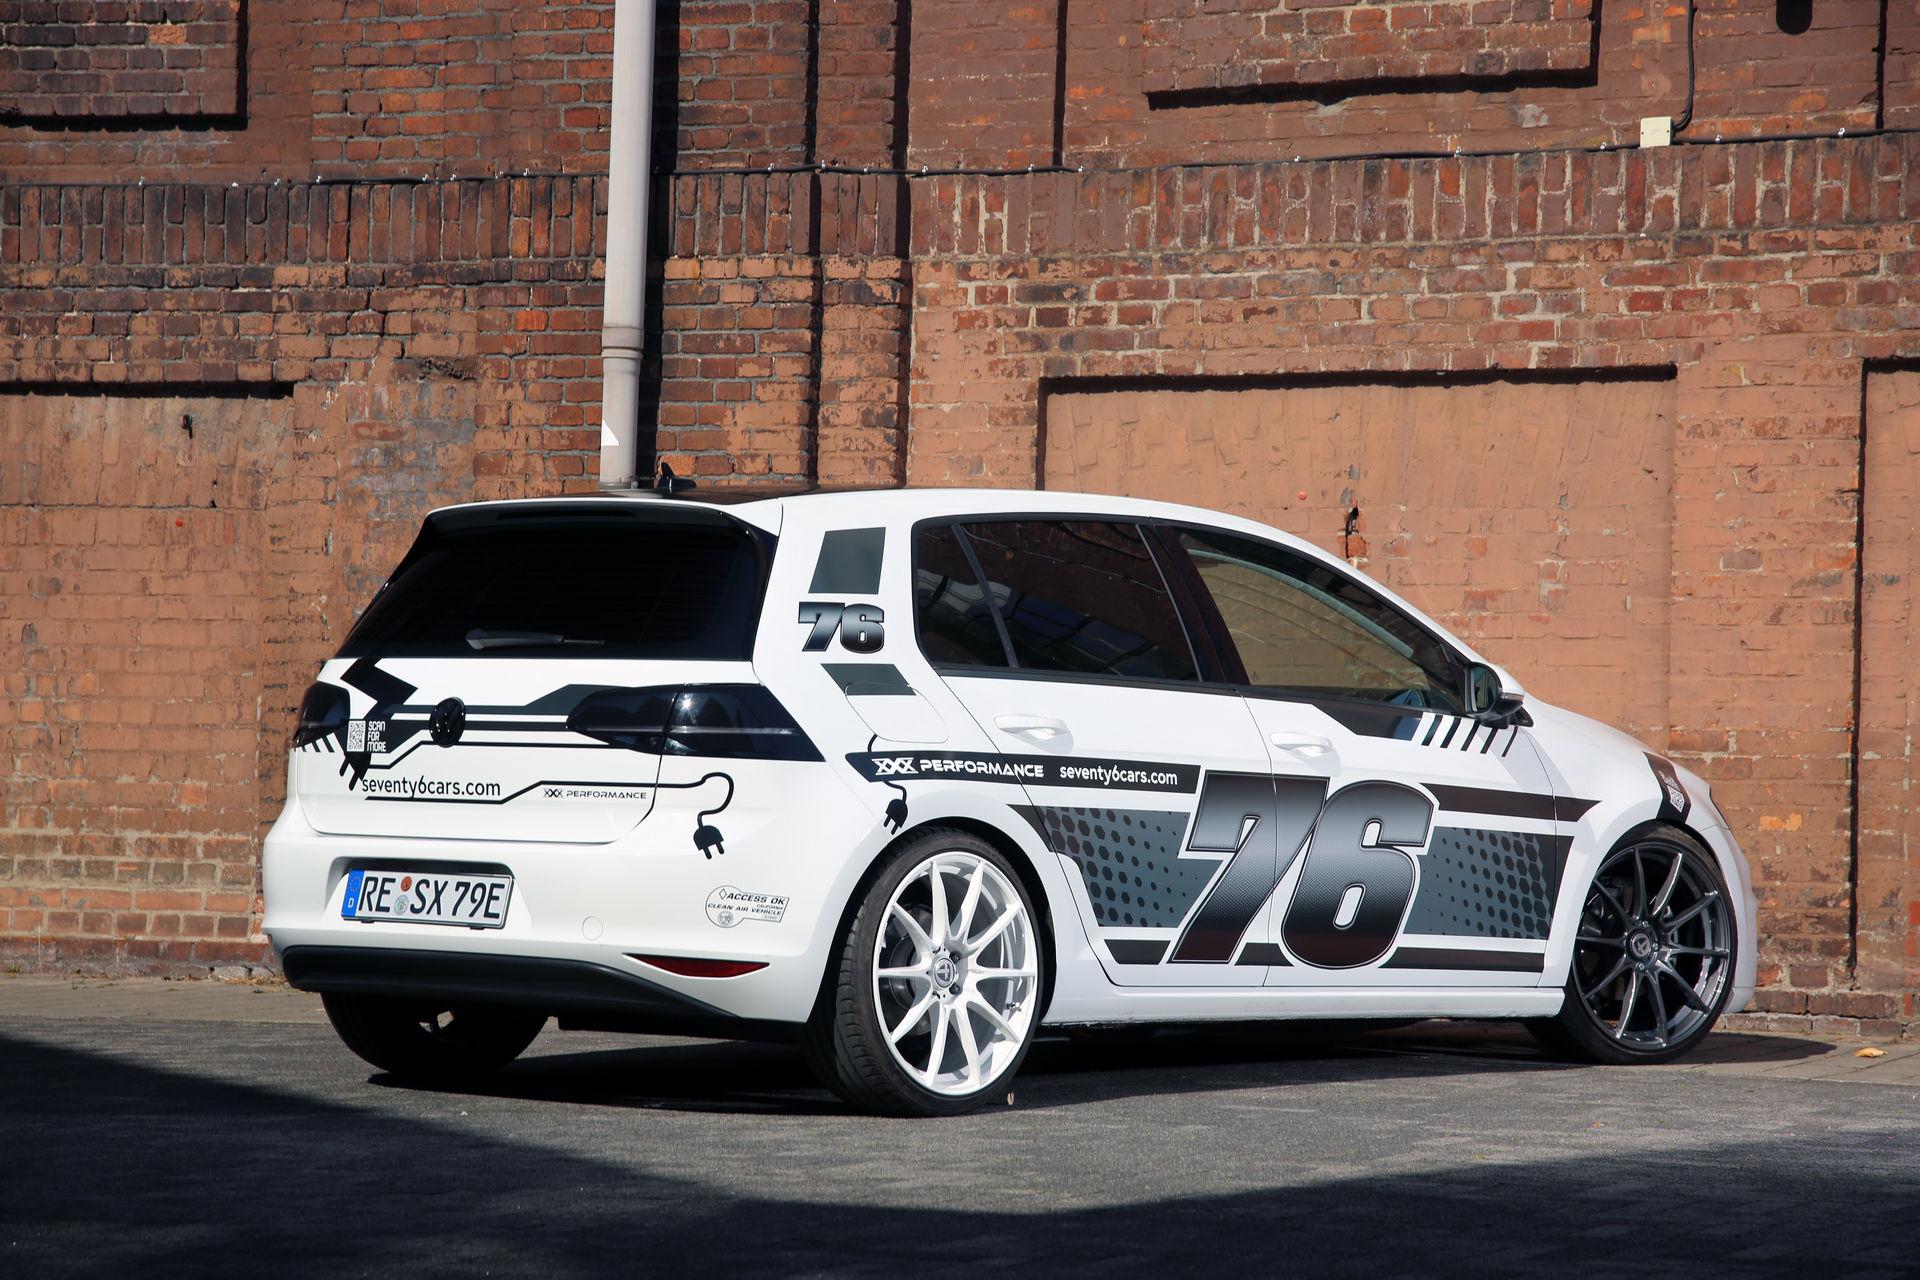 VW_e-Golf_by_xXx-Performance_0001